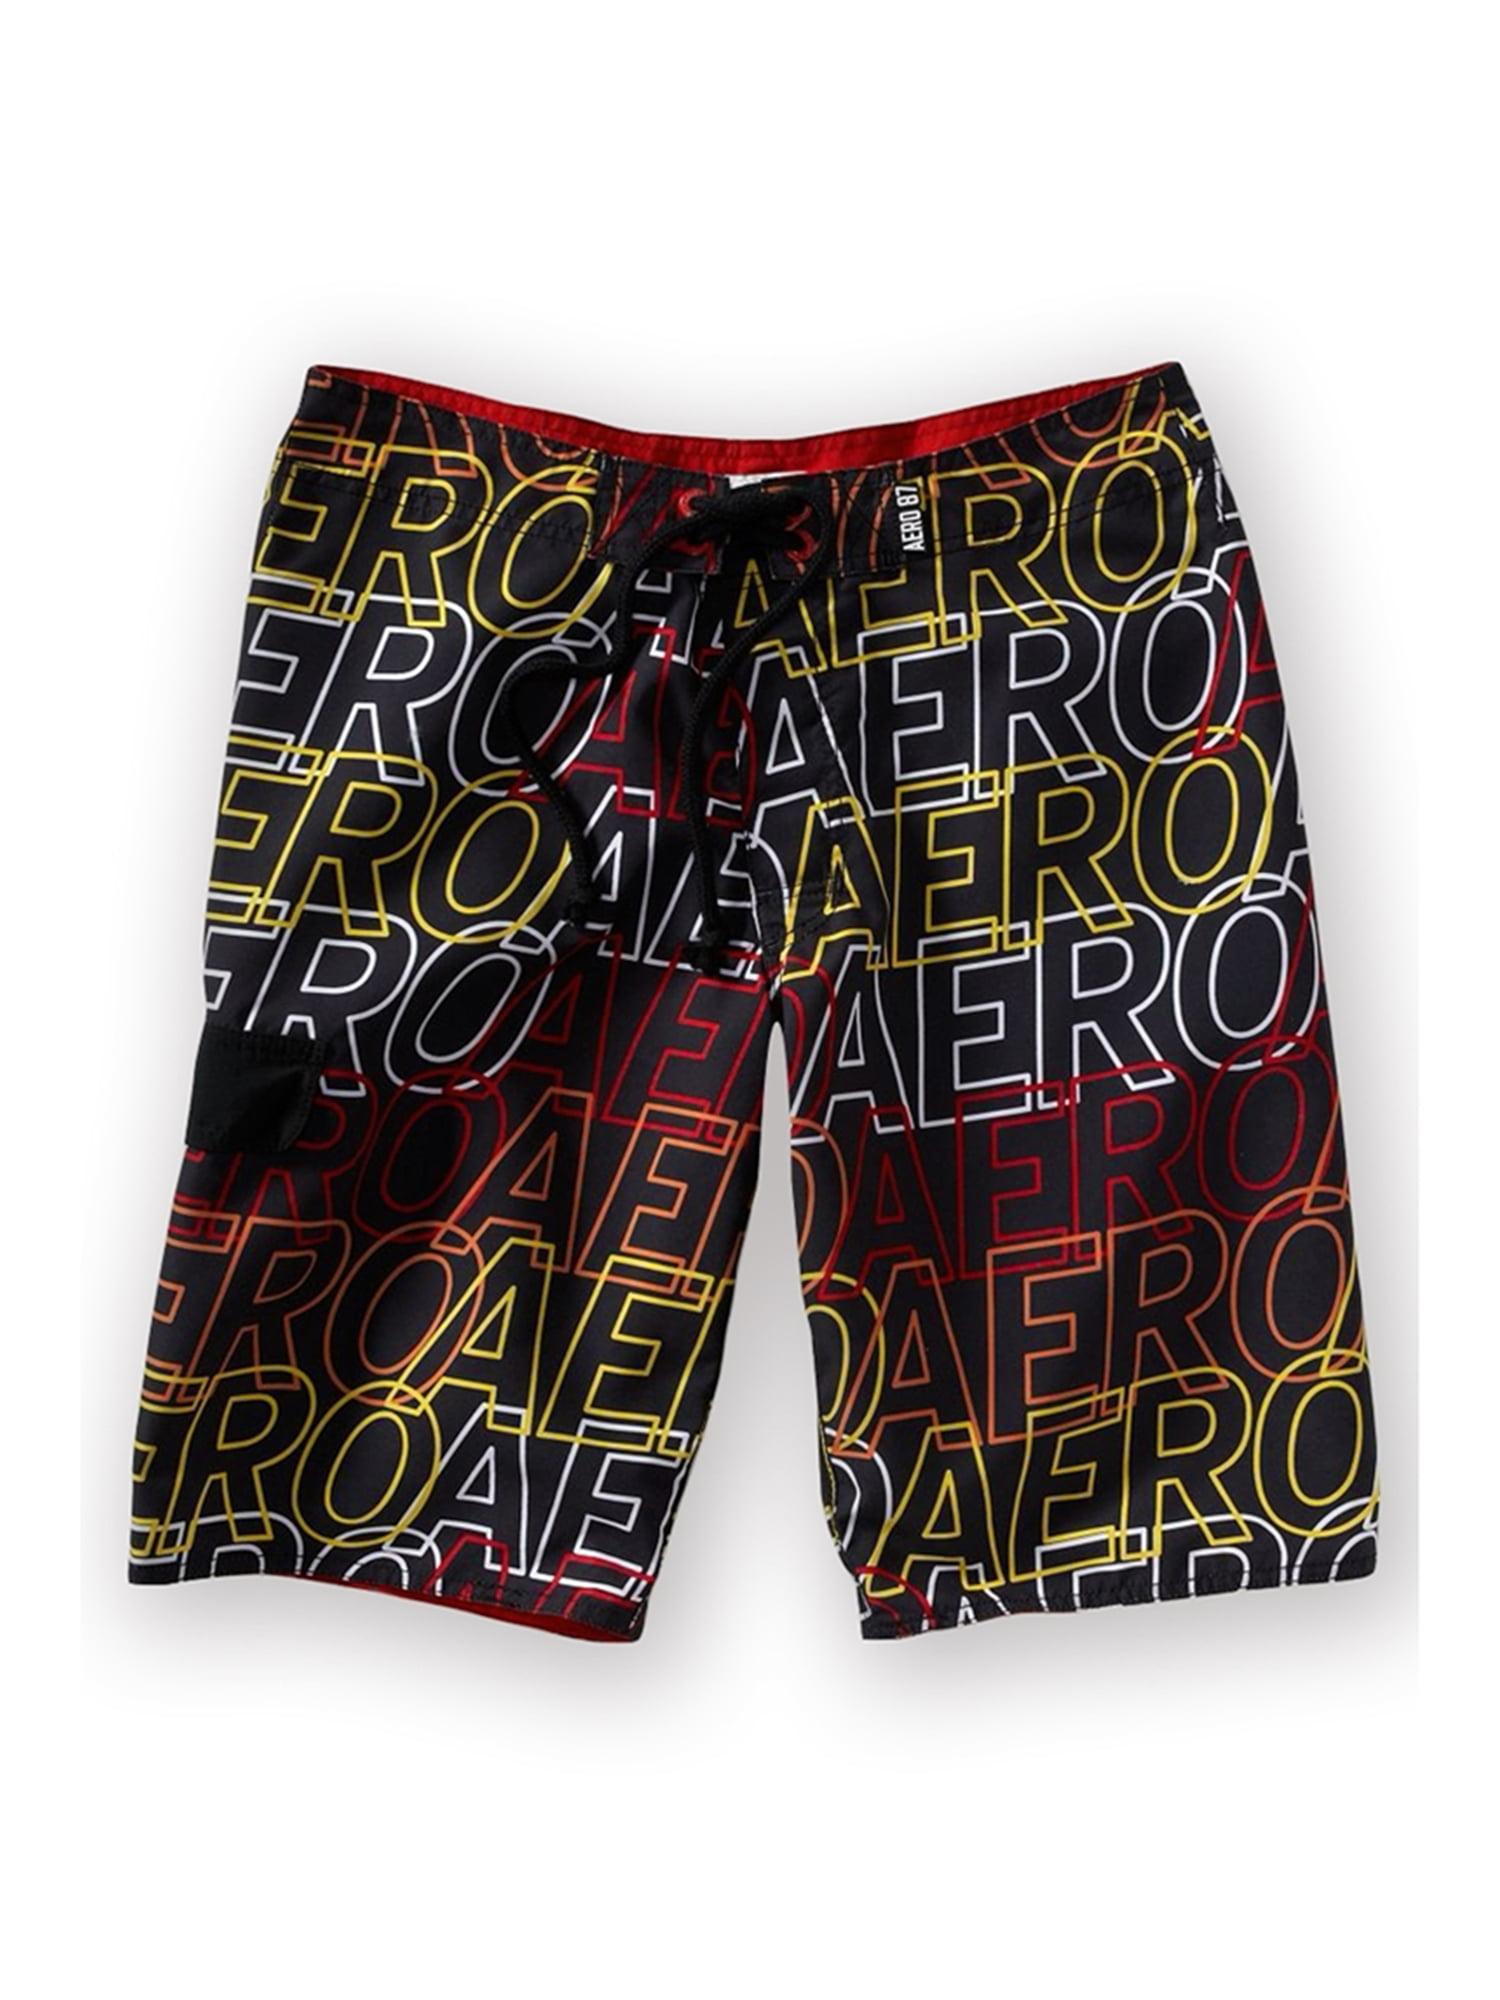 83f6a132b7 Aeropostale Mens Surf Beach Swim Bottom Board Shorts 001 28 ...